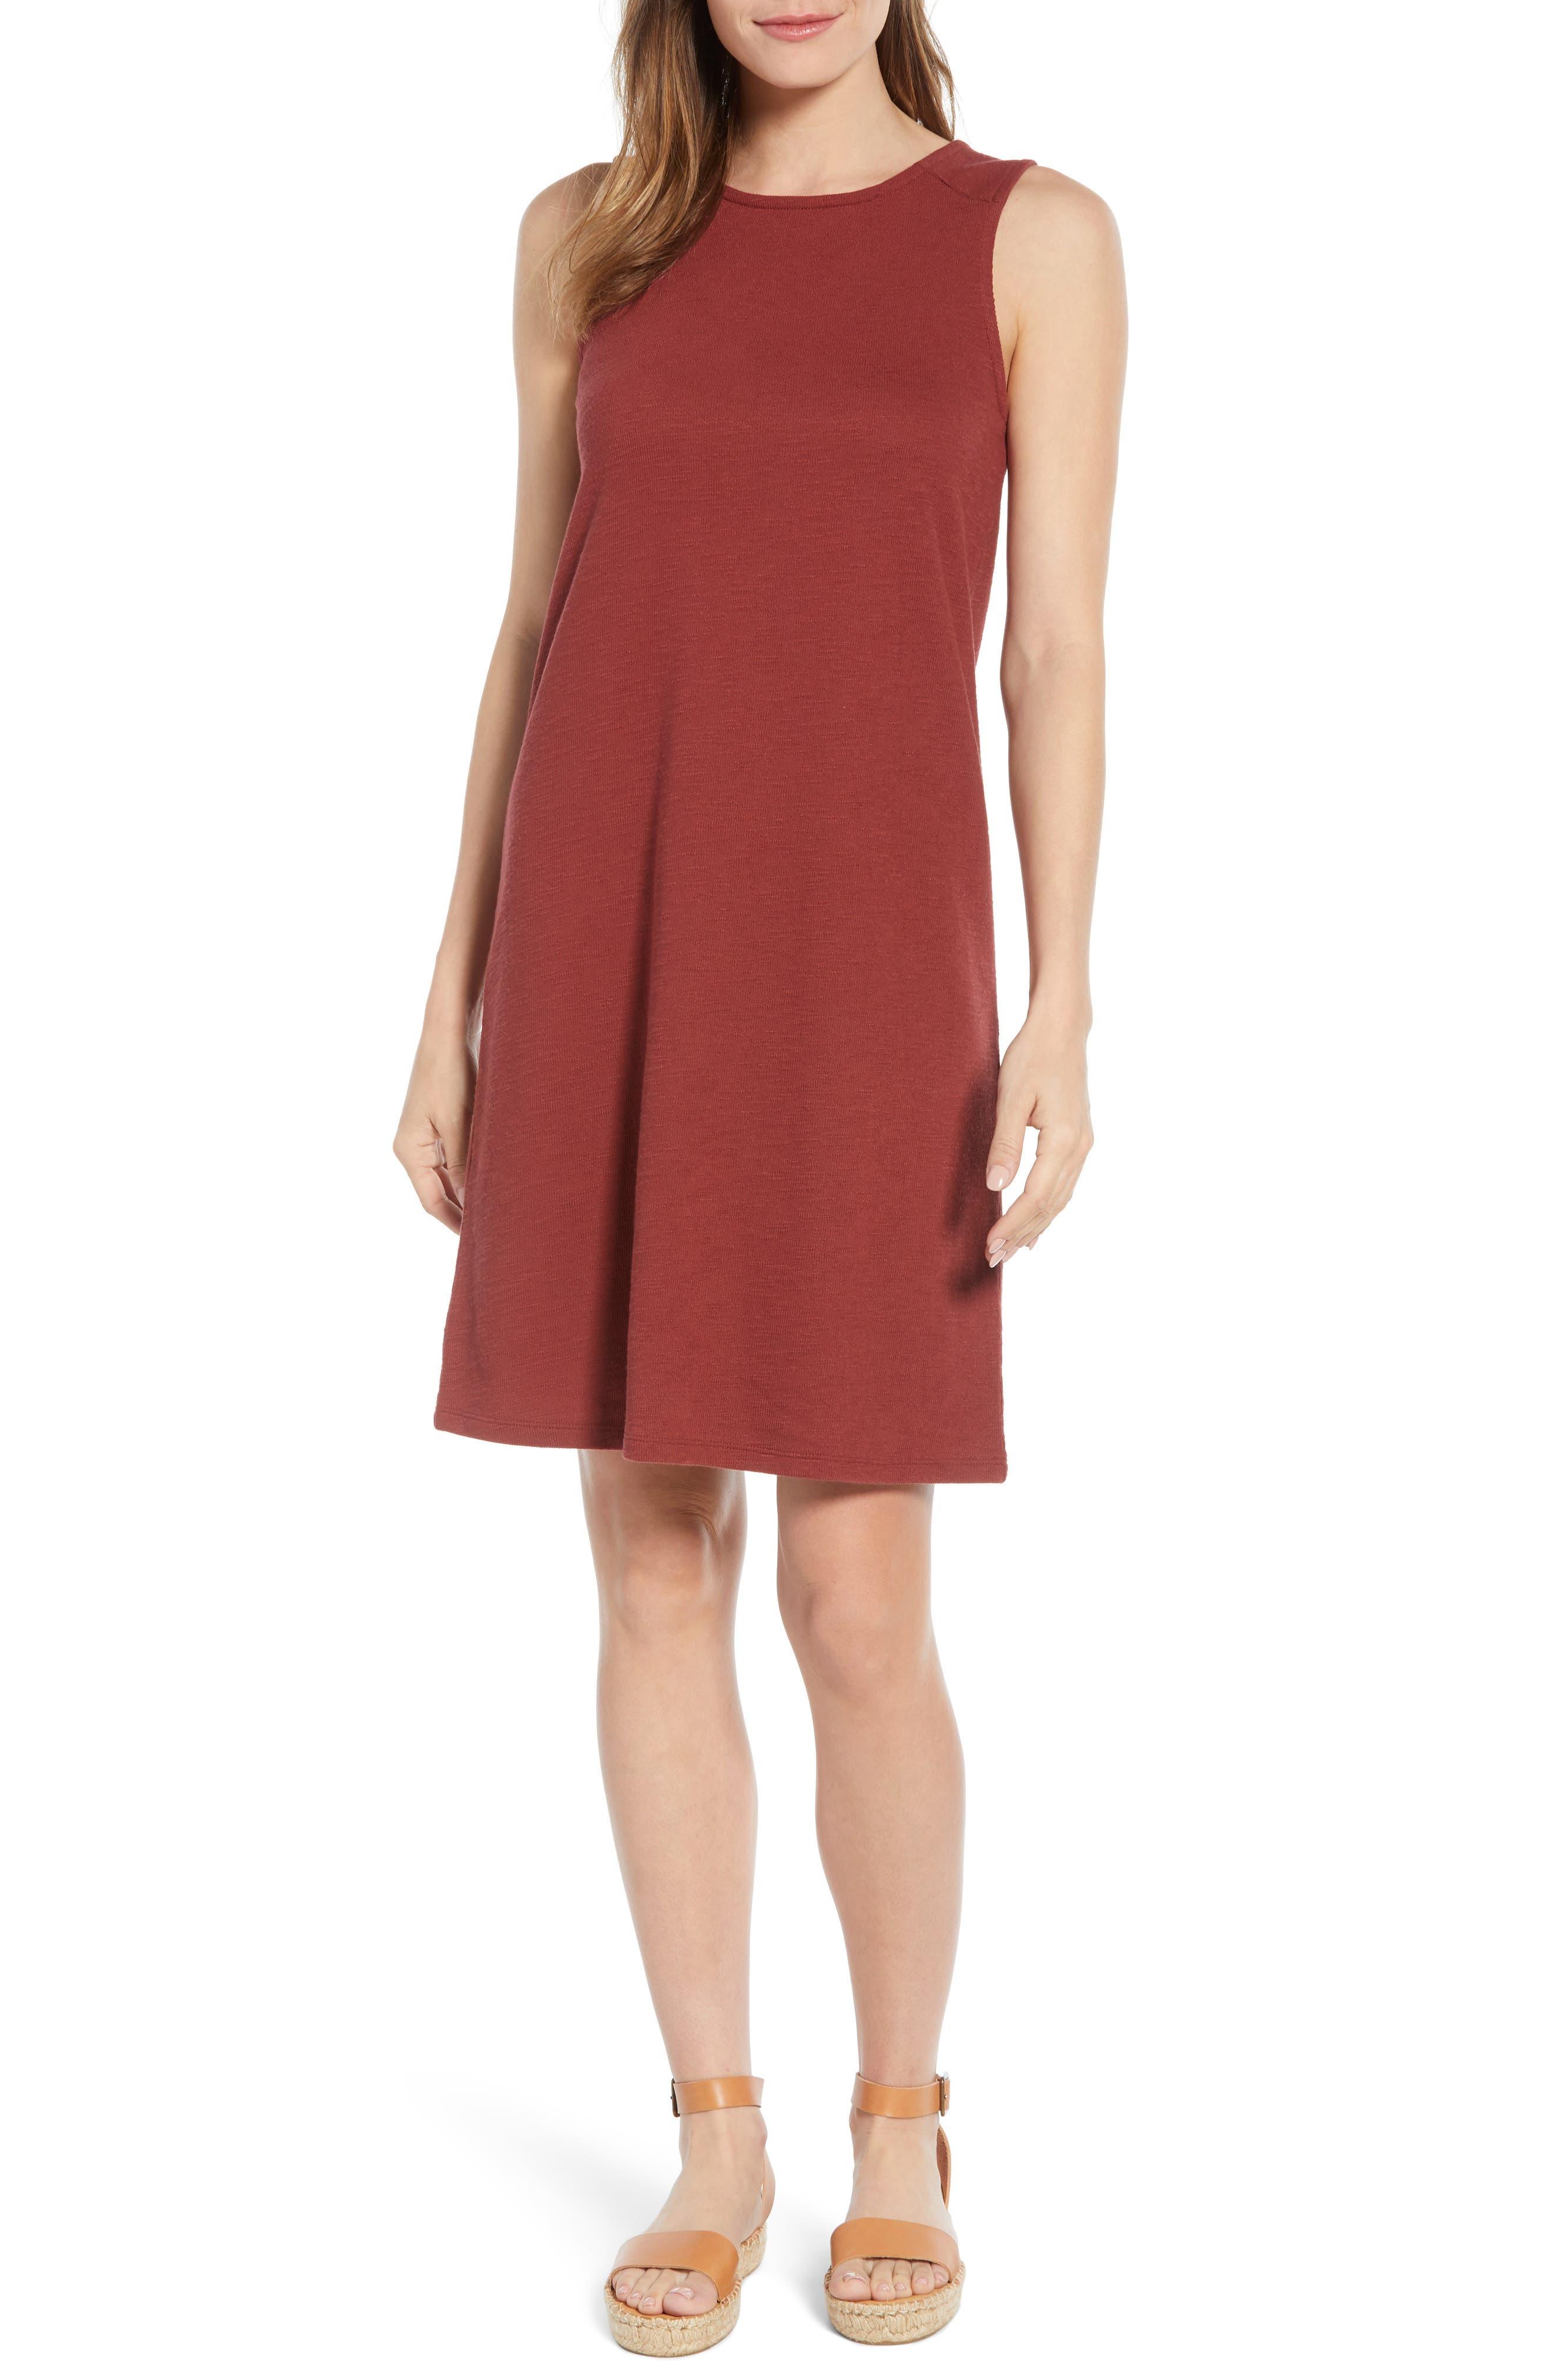 Caslon Knit Tank Dress, Burgundy